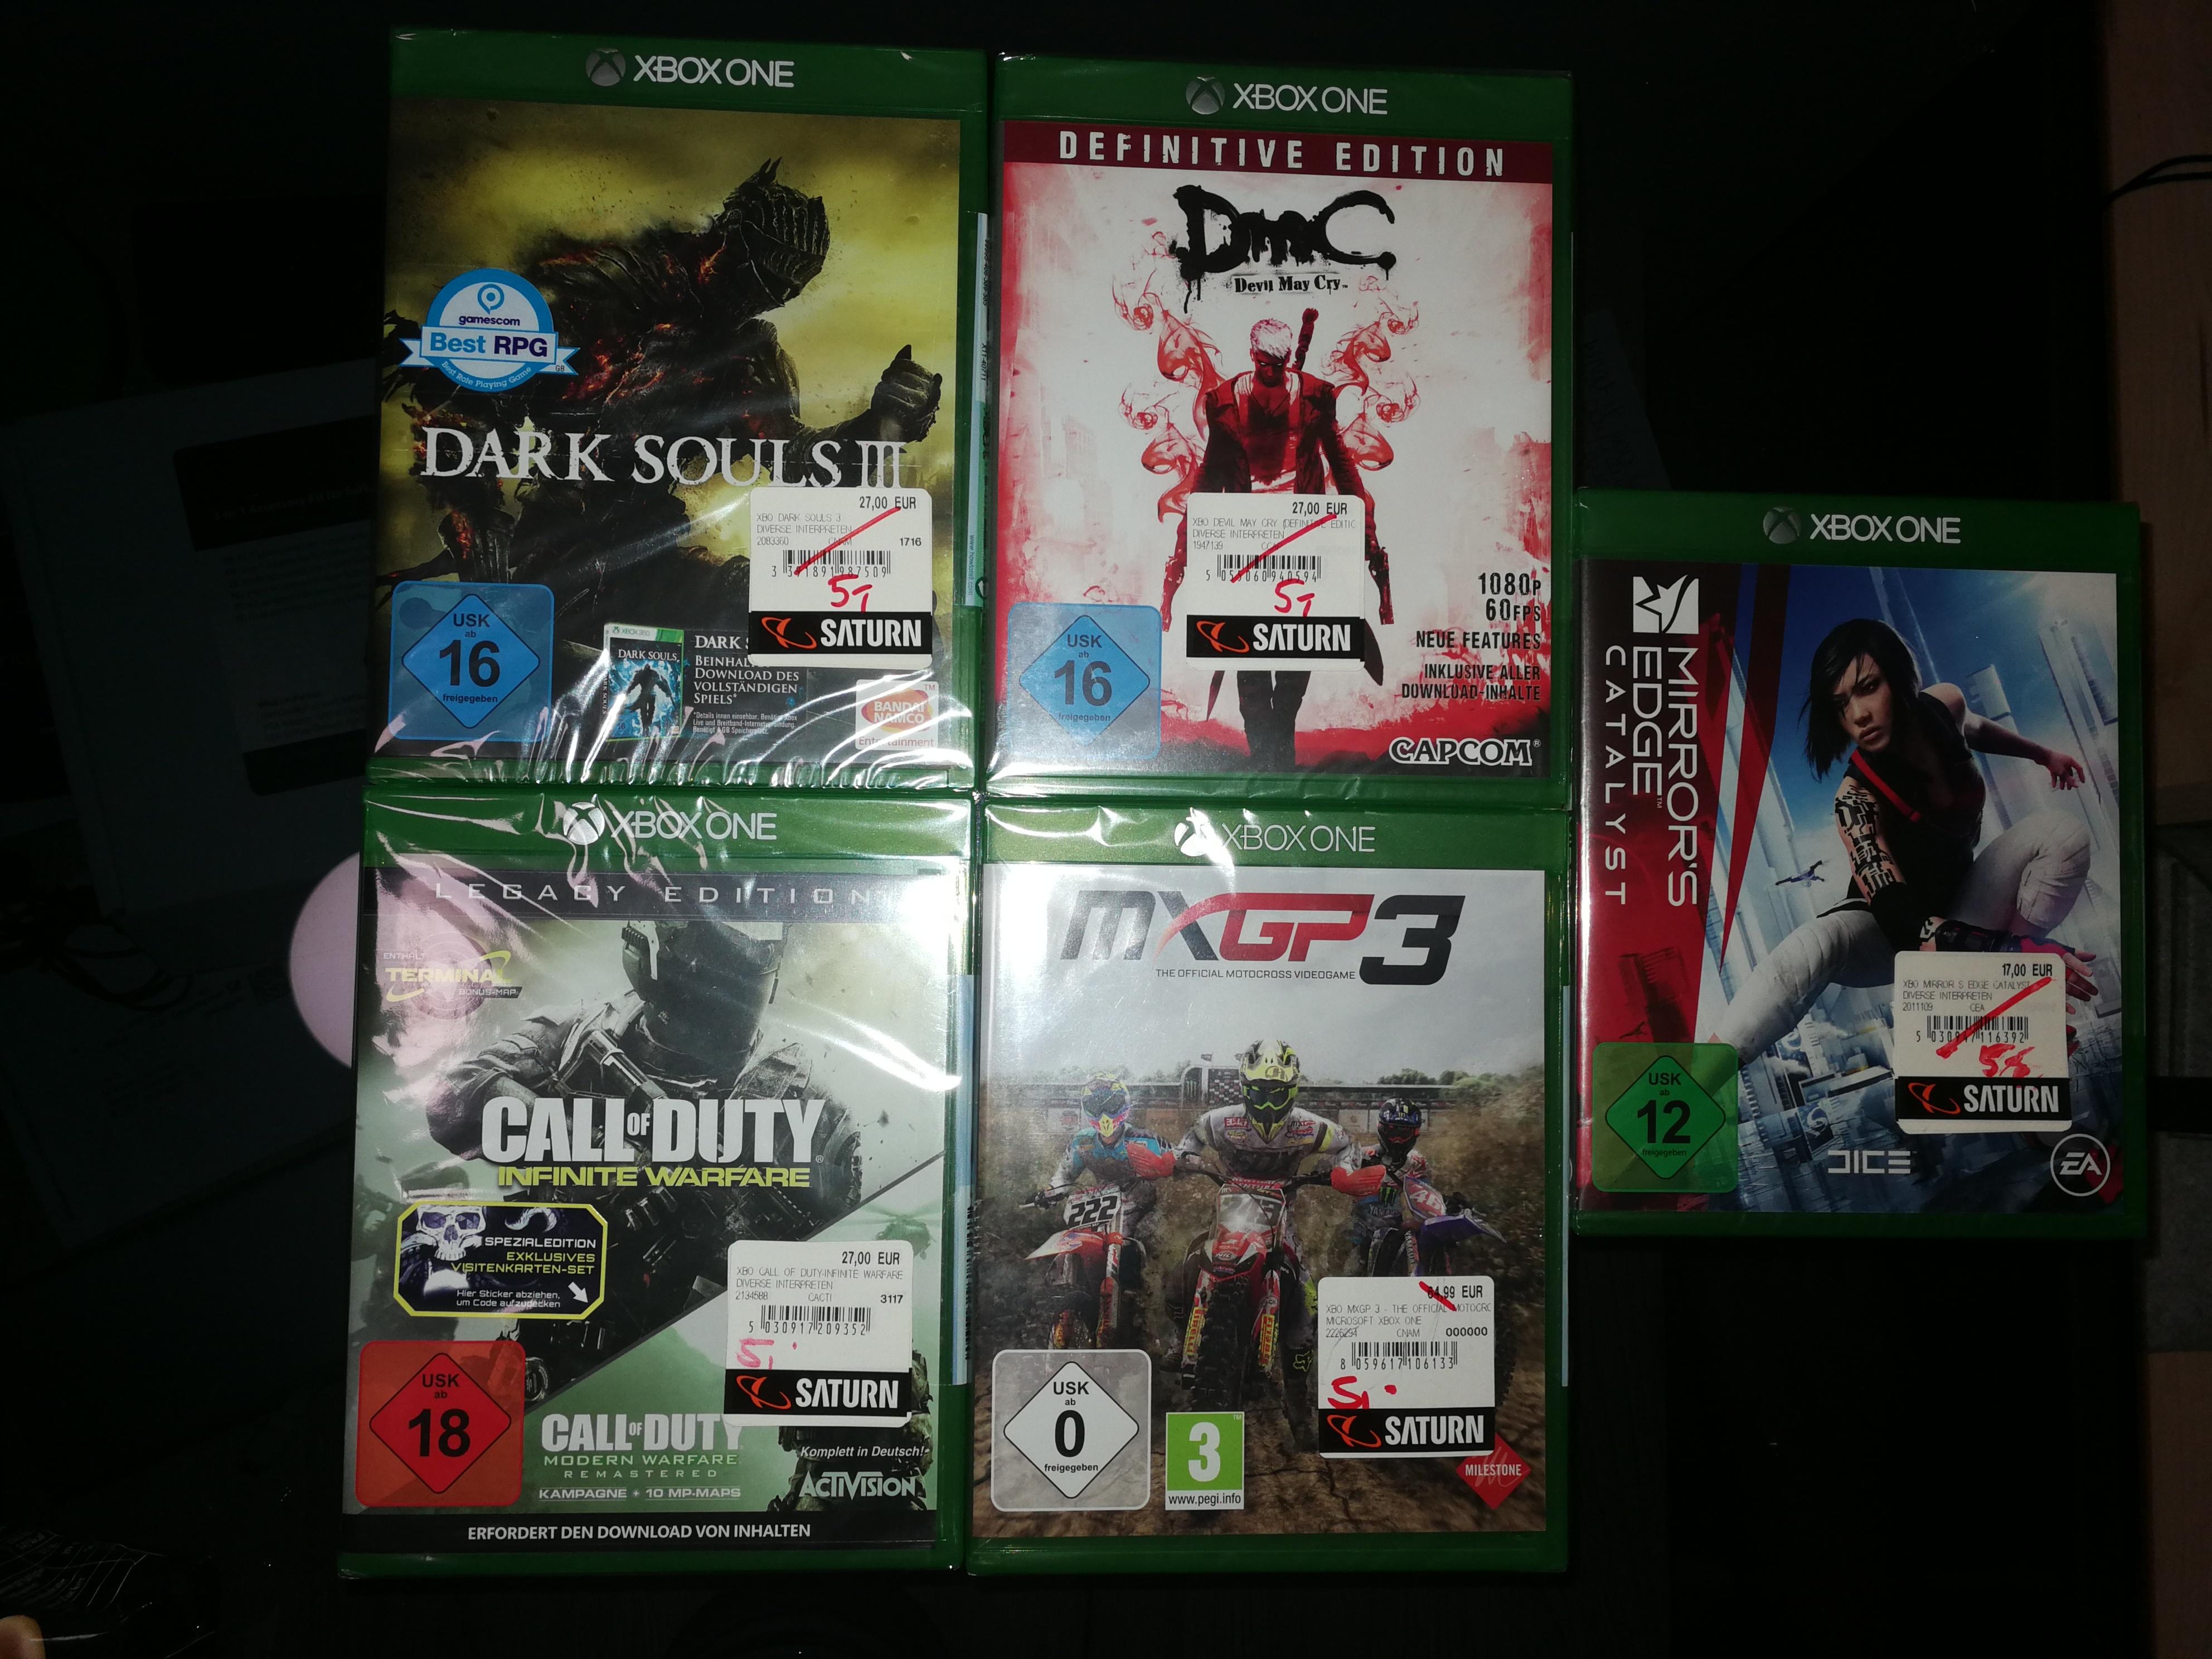 [Lokal Saturn Kempten] diverse Xbox One und PS4 Spiele für 5€ und 10€ (DarkSouls3, Mirrors Edge Catalyst, MXGP 3, Fifa 17,...)